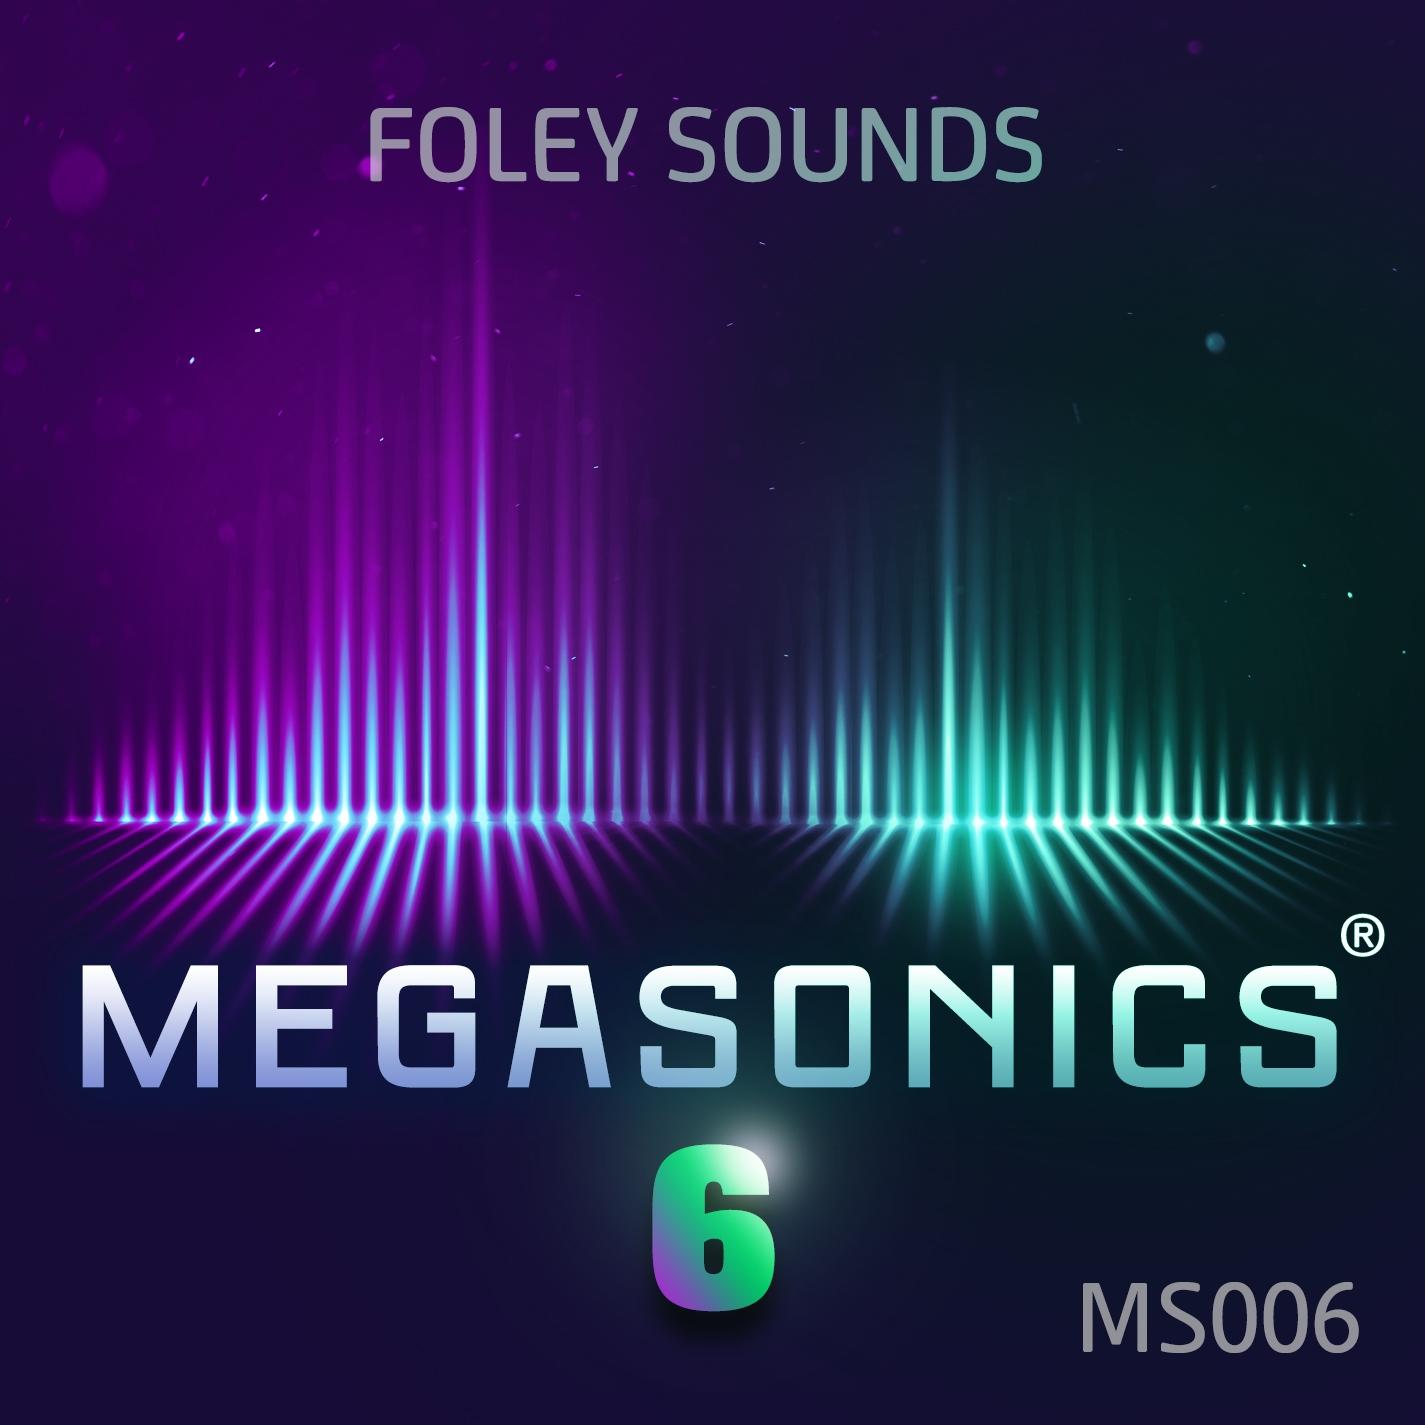 Megasonics 6